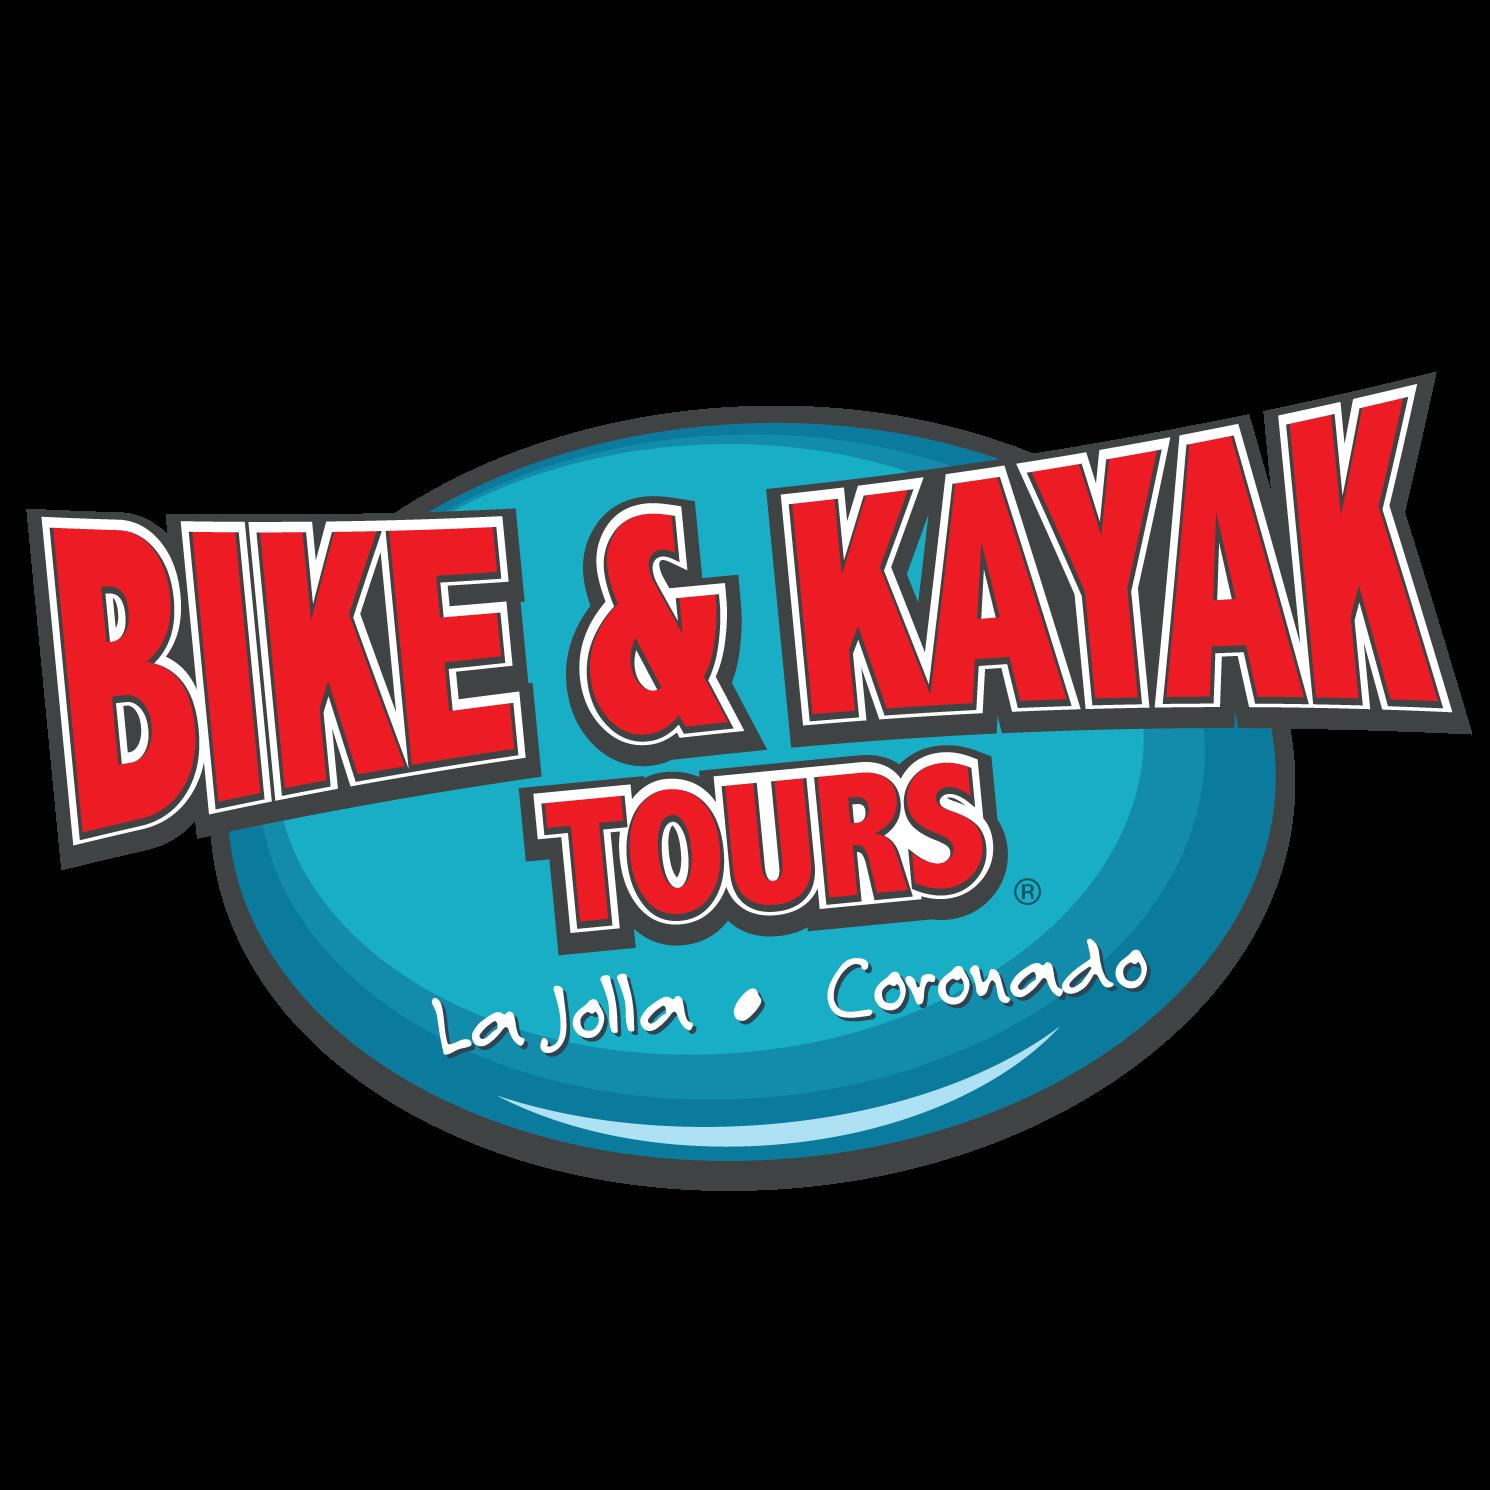 Bike and Kayak Tours Inc - La Jolla